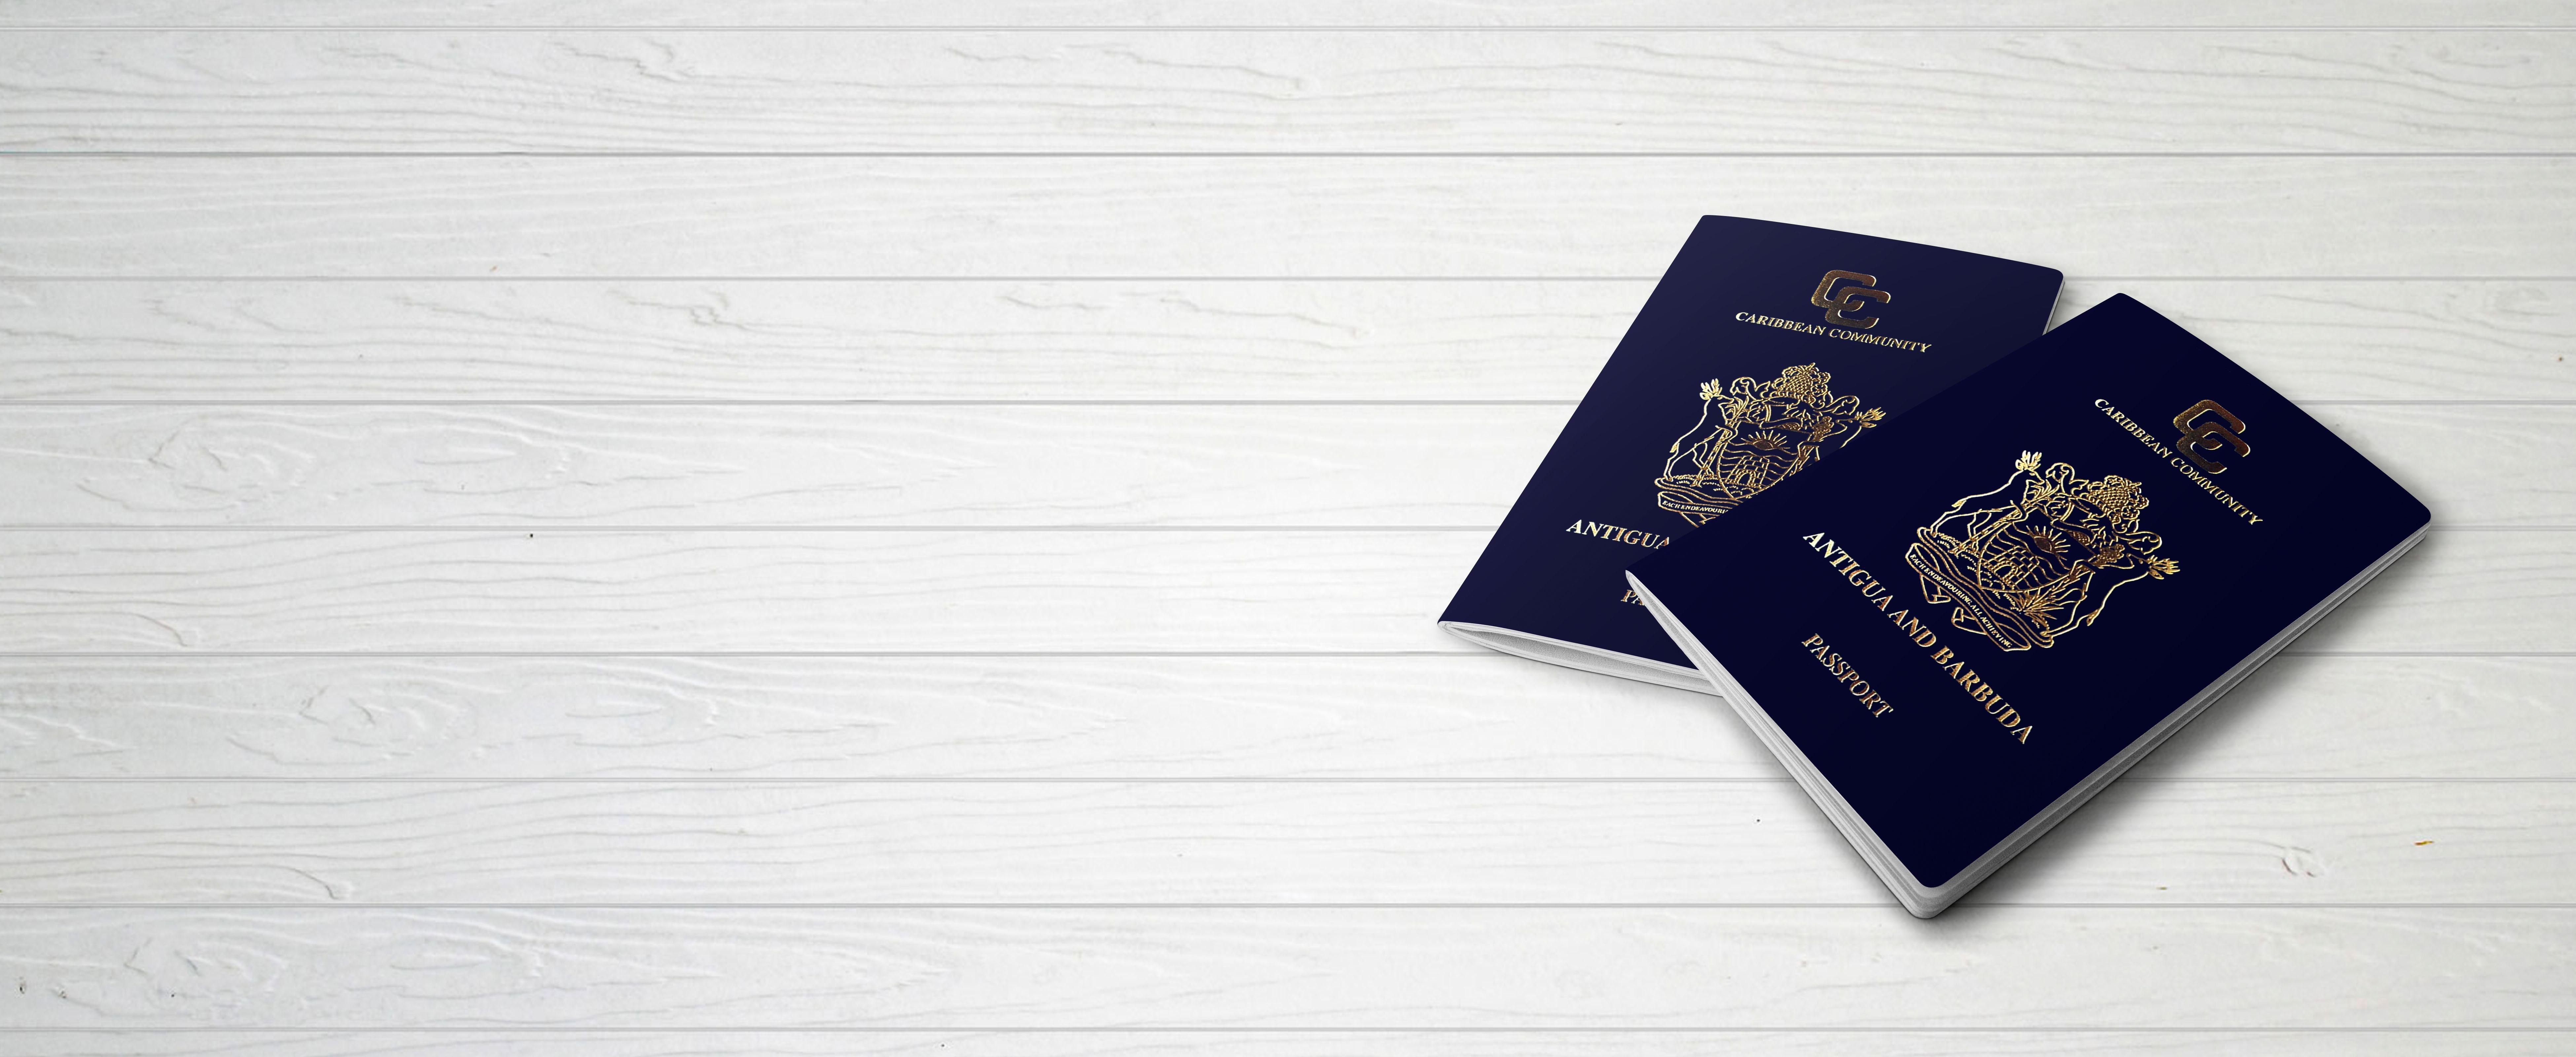 Паспорт Антигуа и Барбуды, который могут получить иностранцы